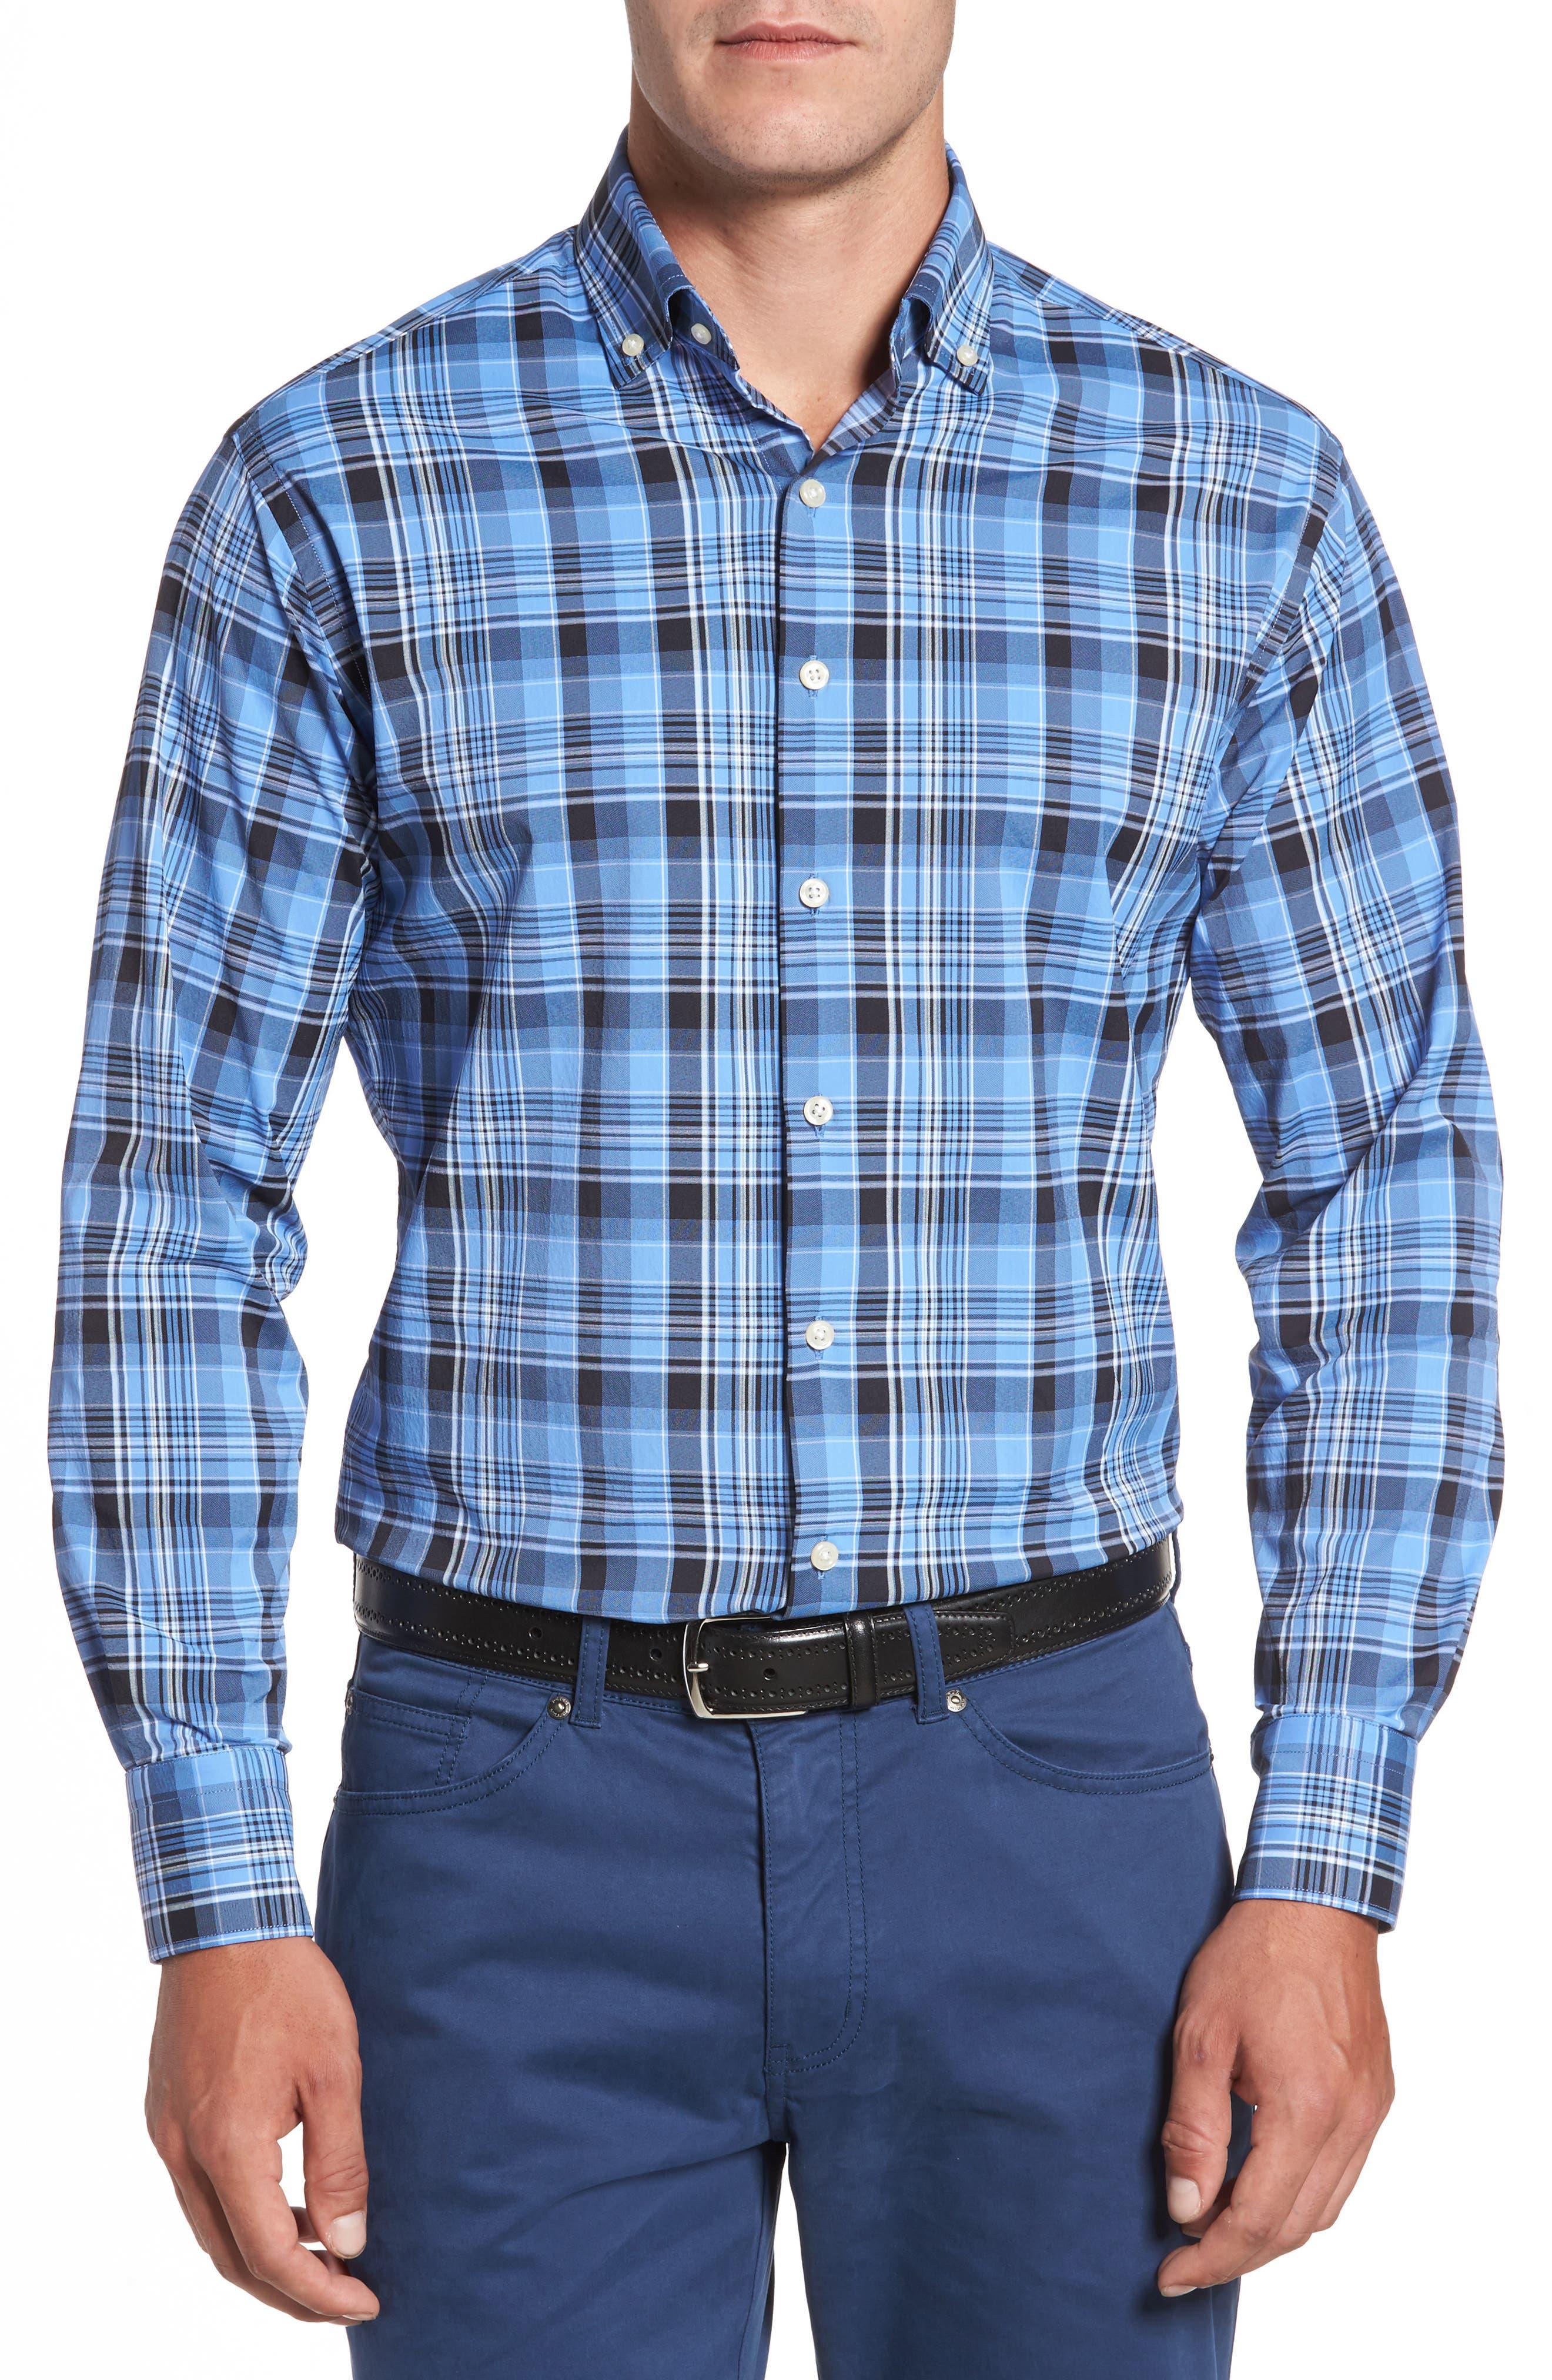 Pops Performance Plaid Sport Shirt,                         Main,                         color,